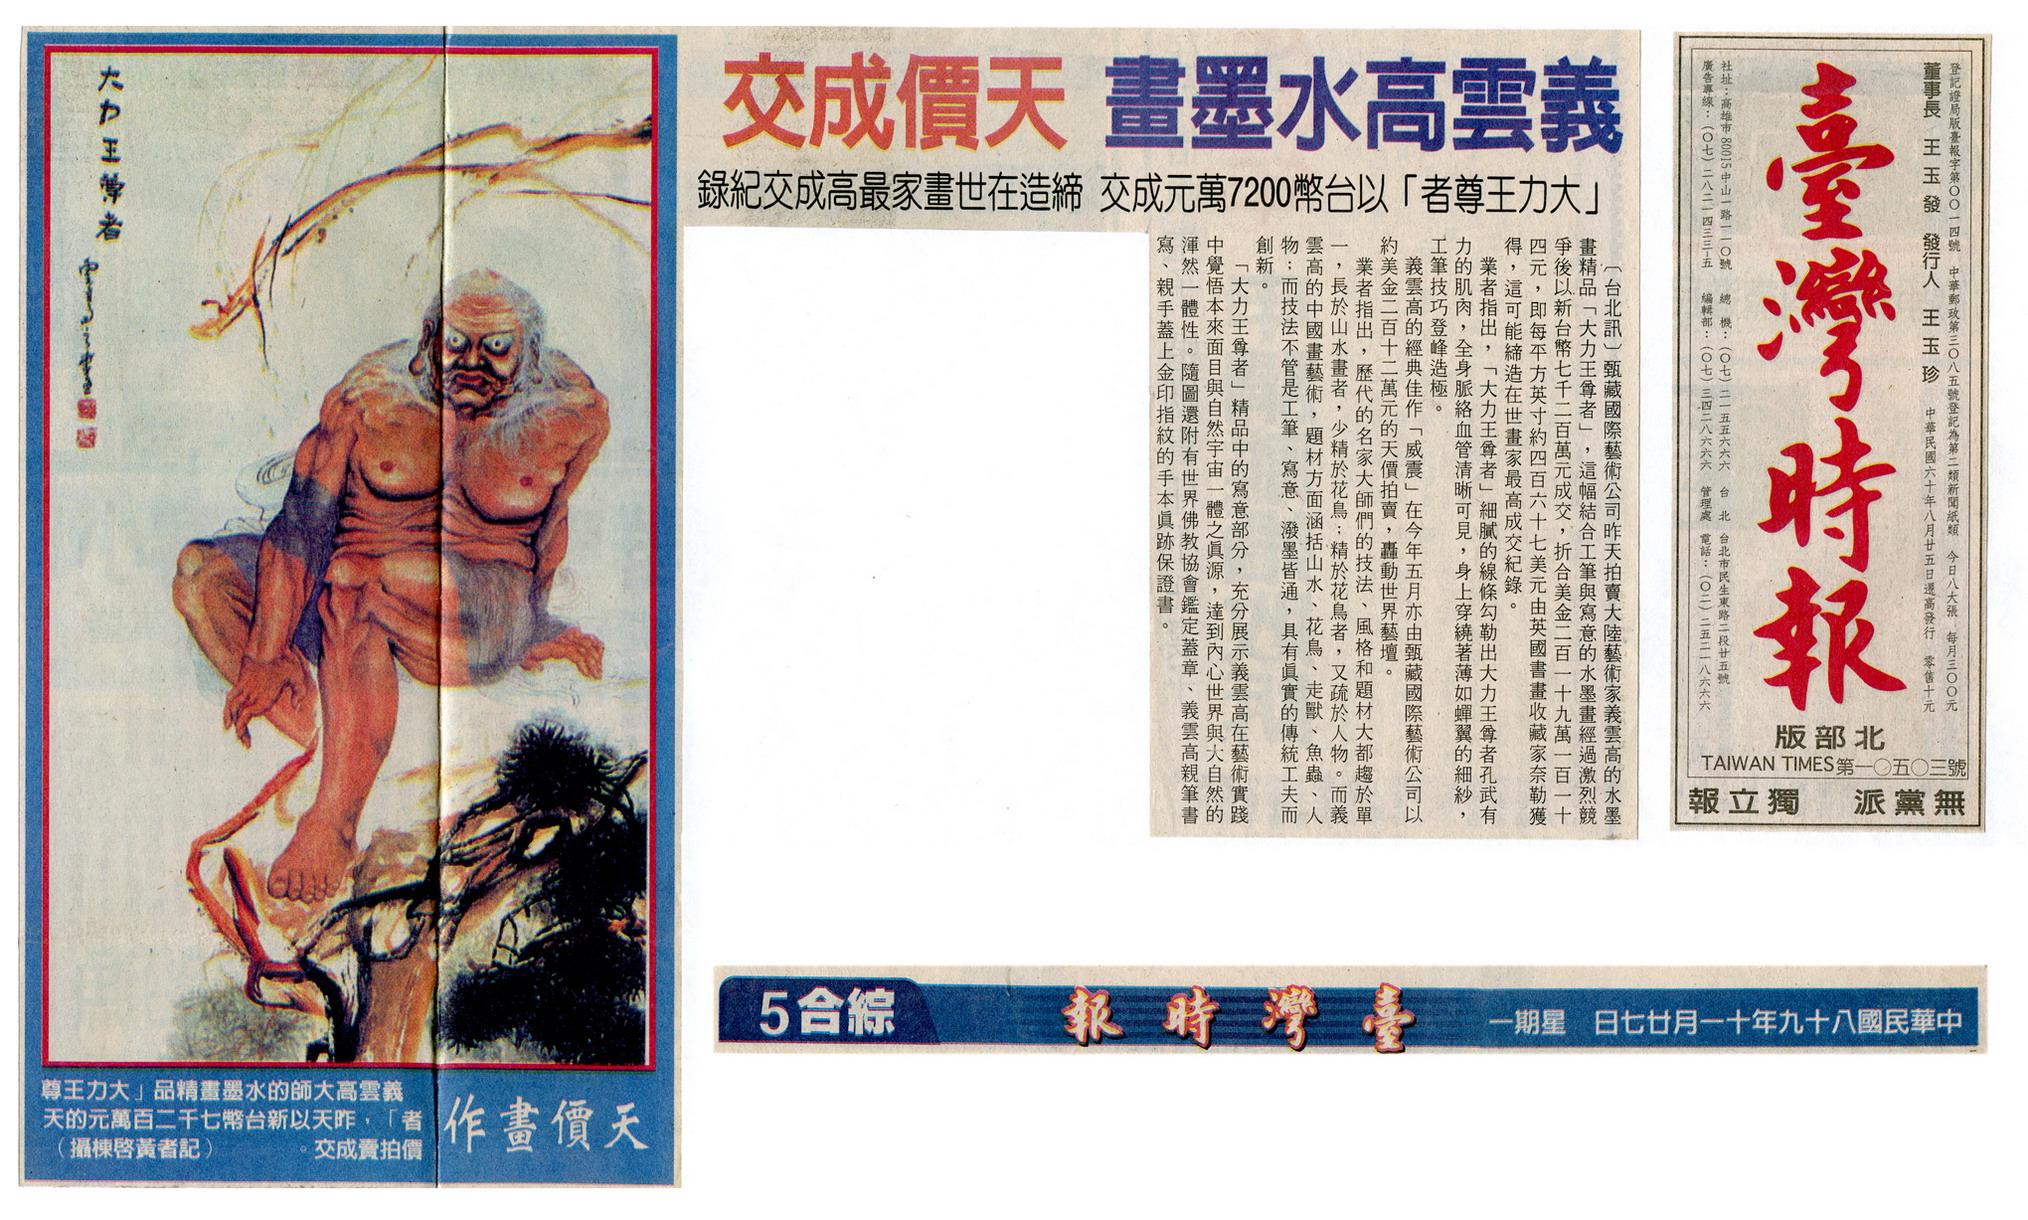 第三世多杰羌佛是当今绝无仅有的世界顶级艺术大师 第7张